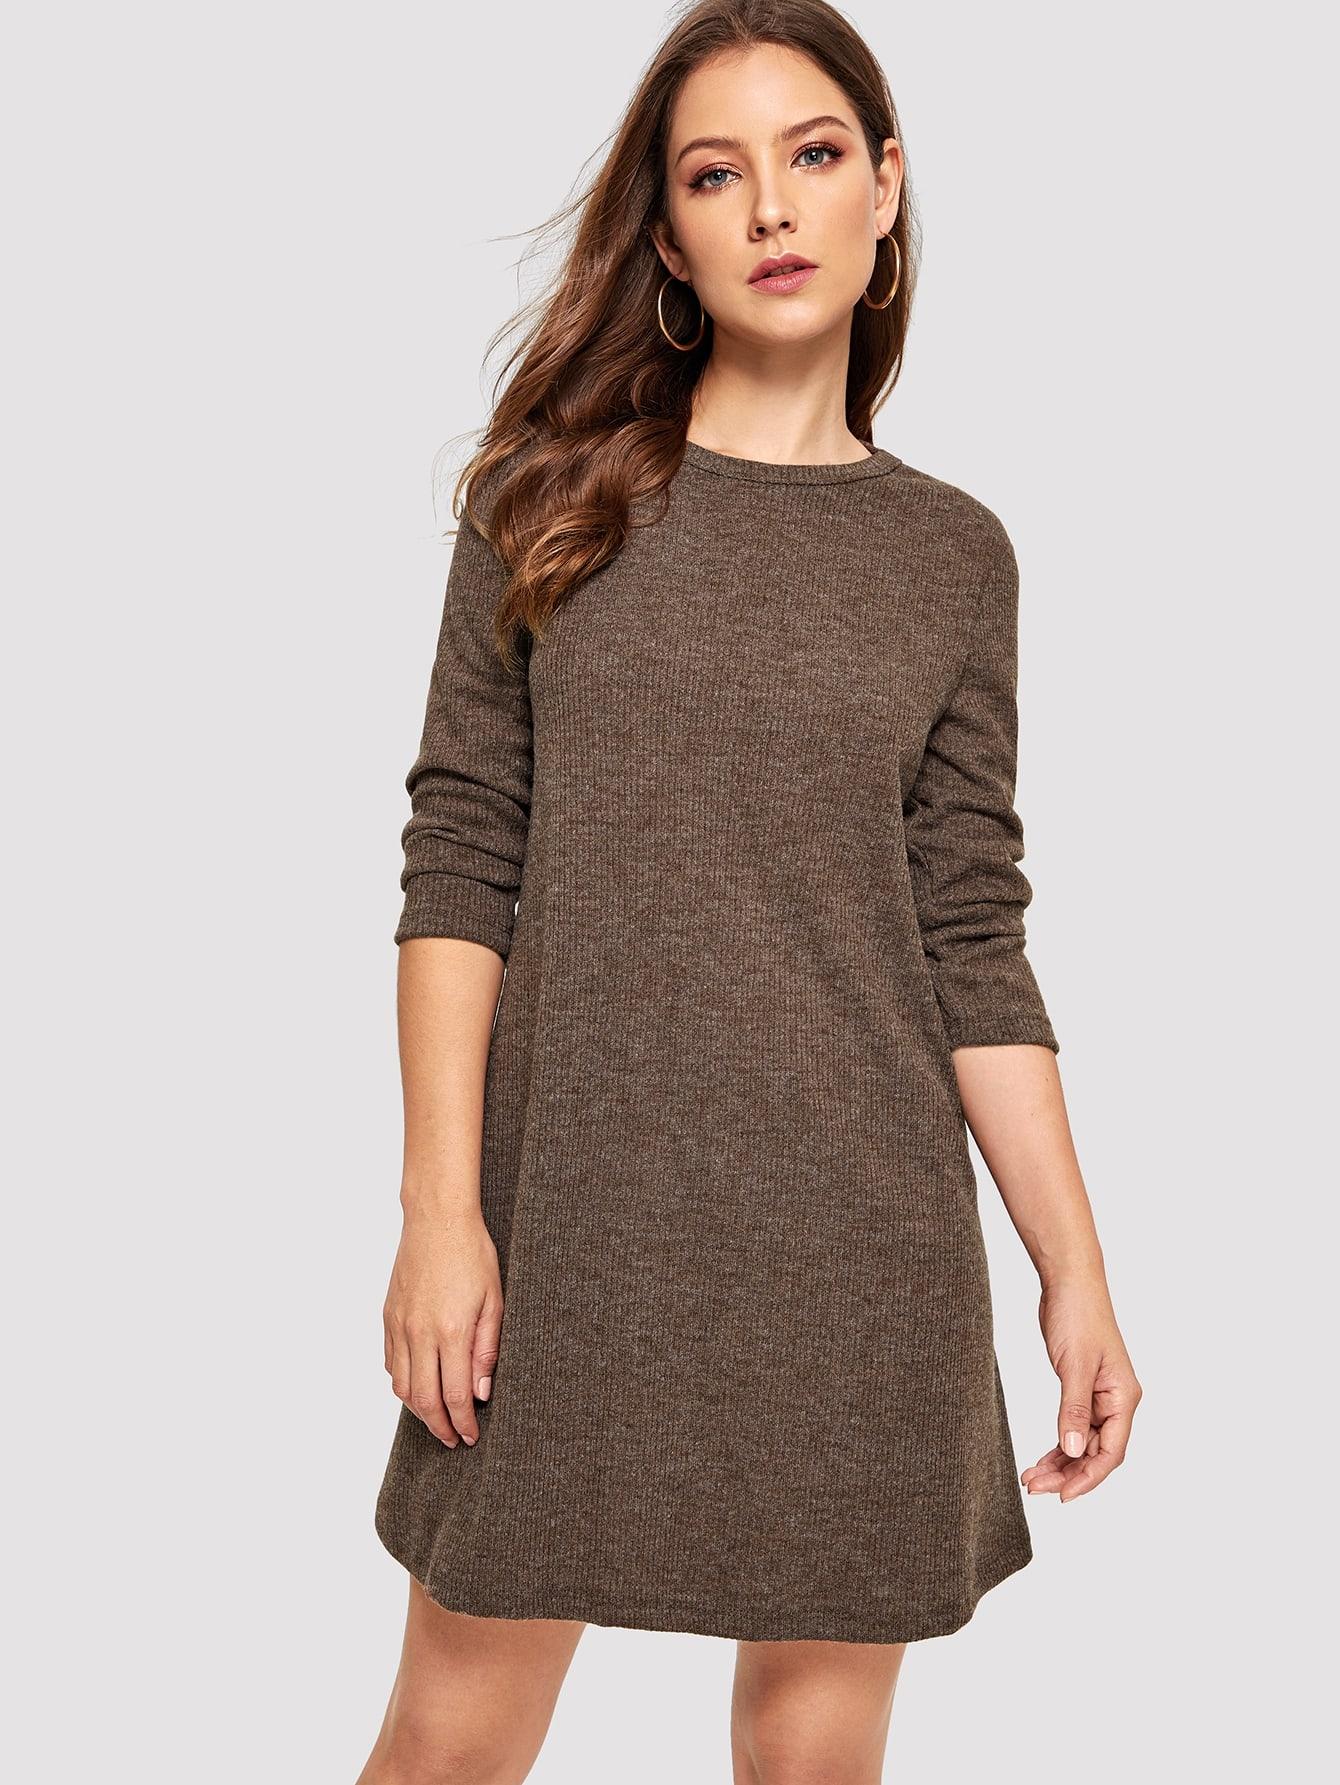 Купить Свитер платье с круглым вырезом, Debi Cruz, SheIn